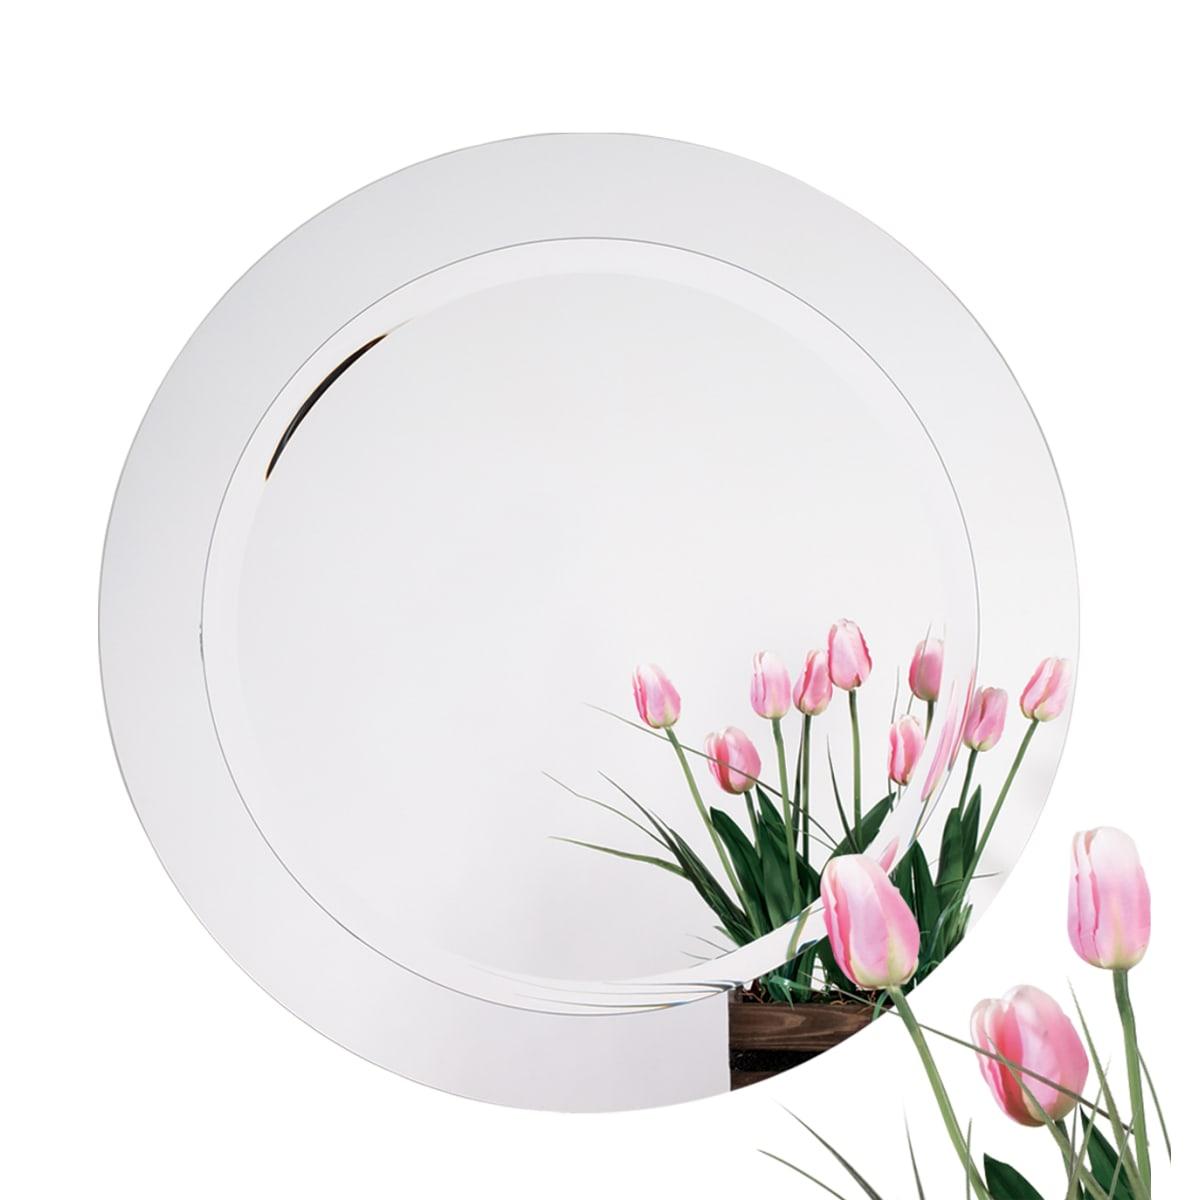 Alno 28 Inch Diameter Frameless Round Mirror